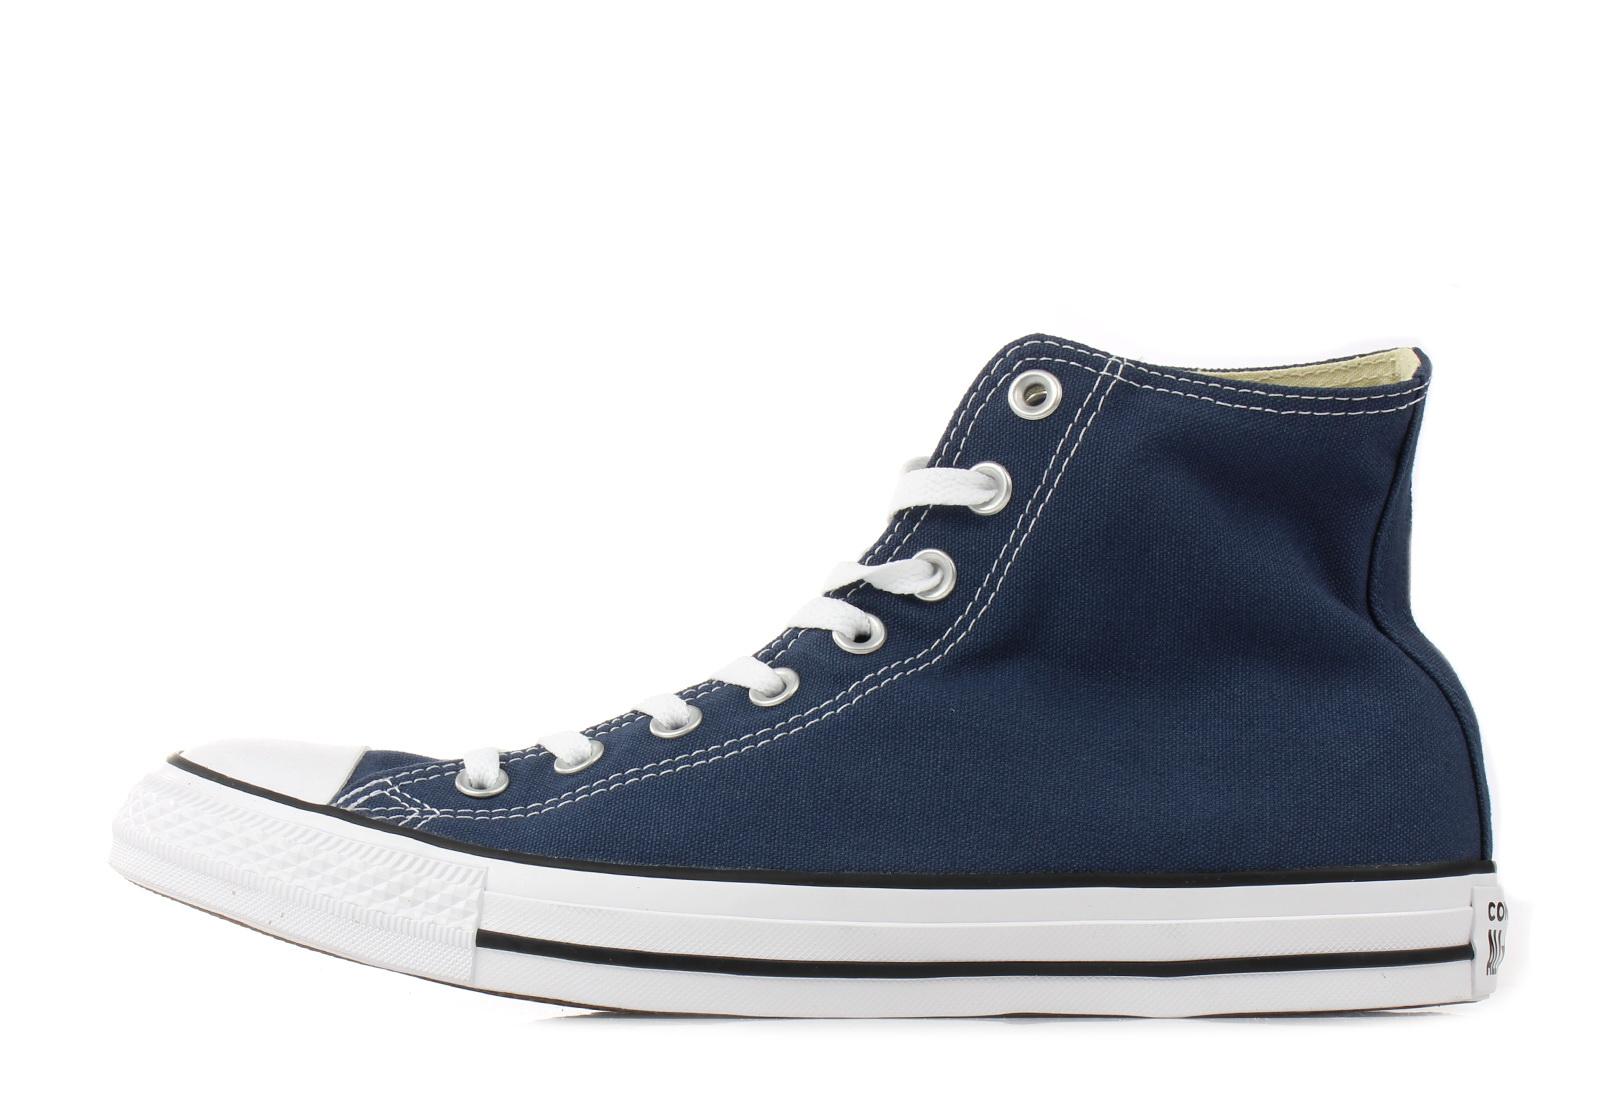 Converse Tornacipő Ct As Core Hi M9621C Office Shoes